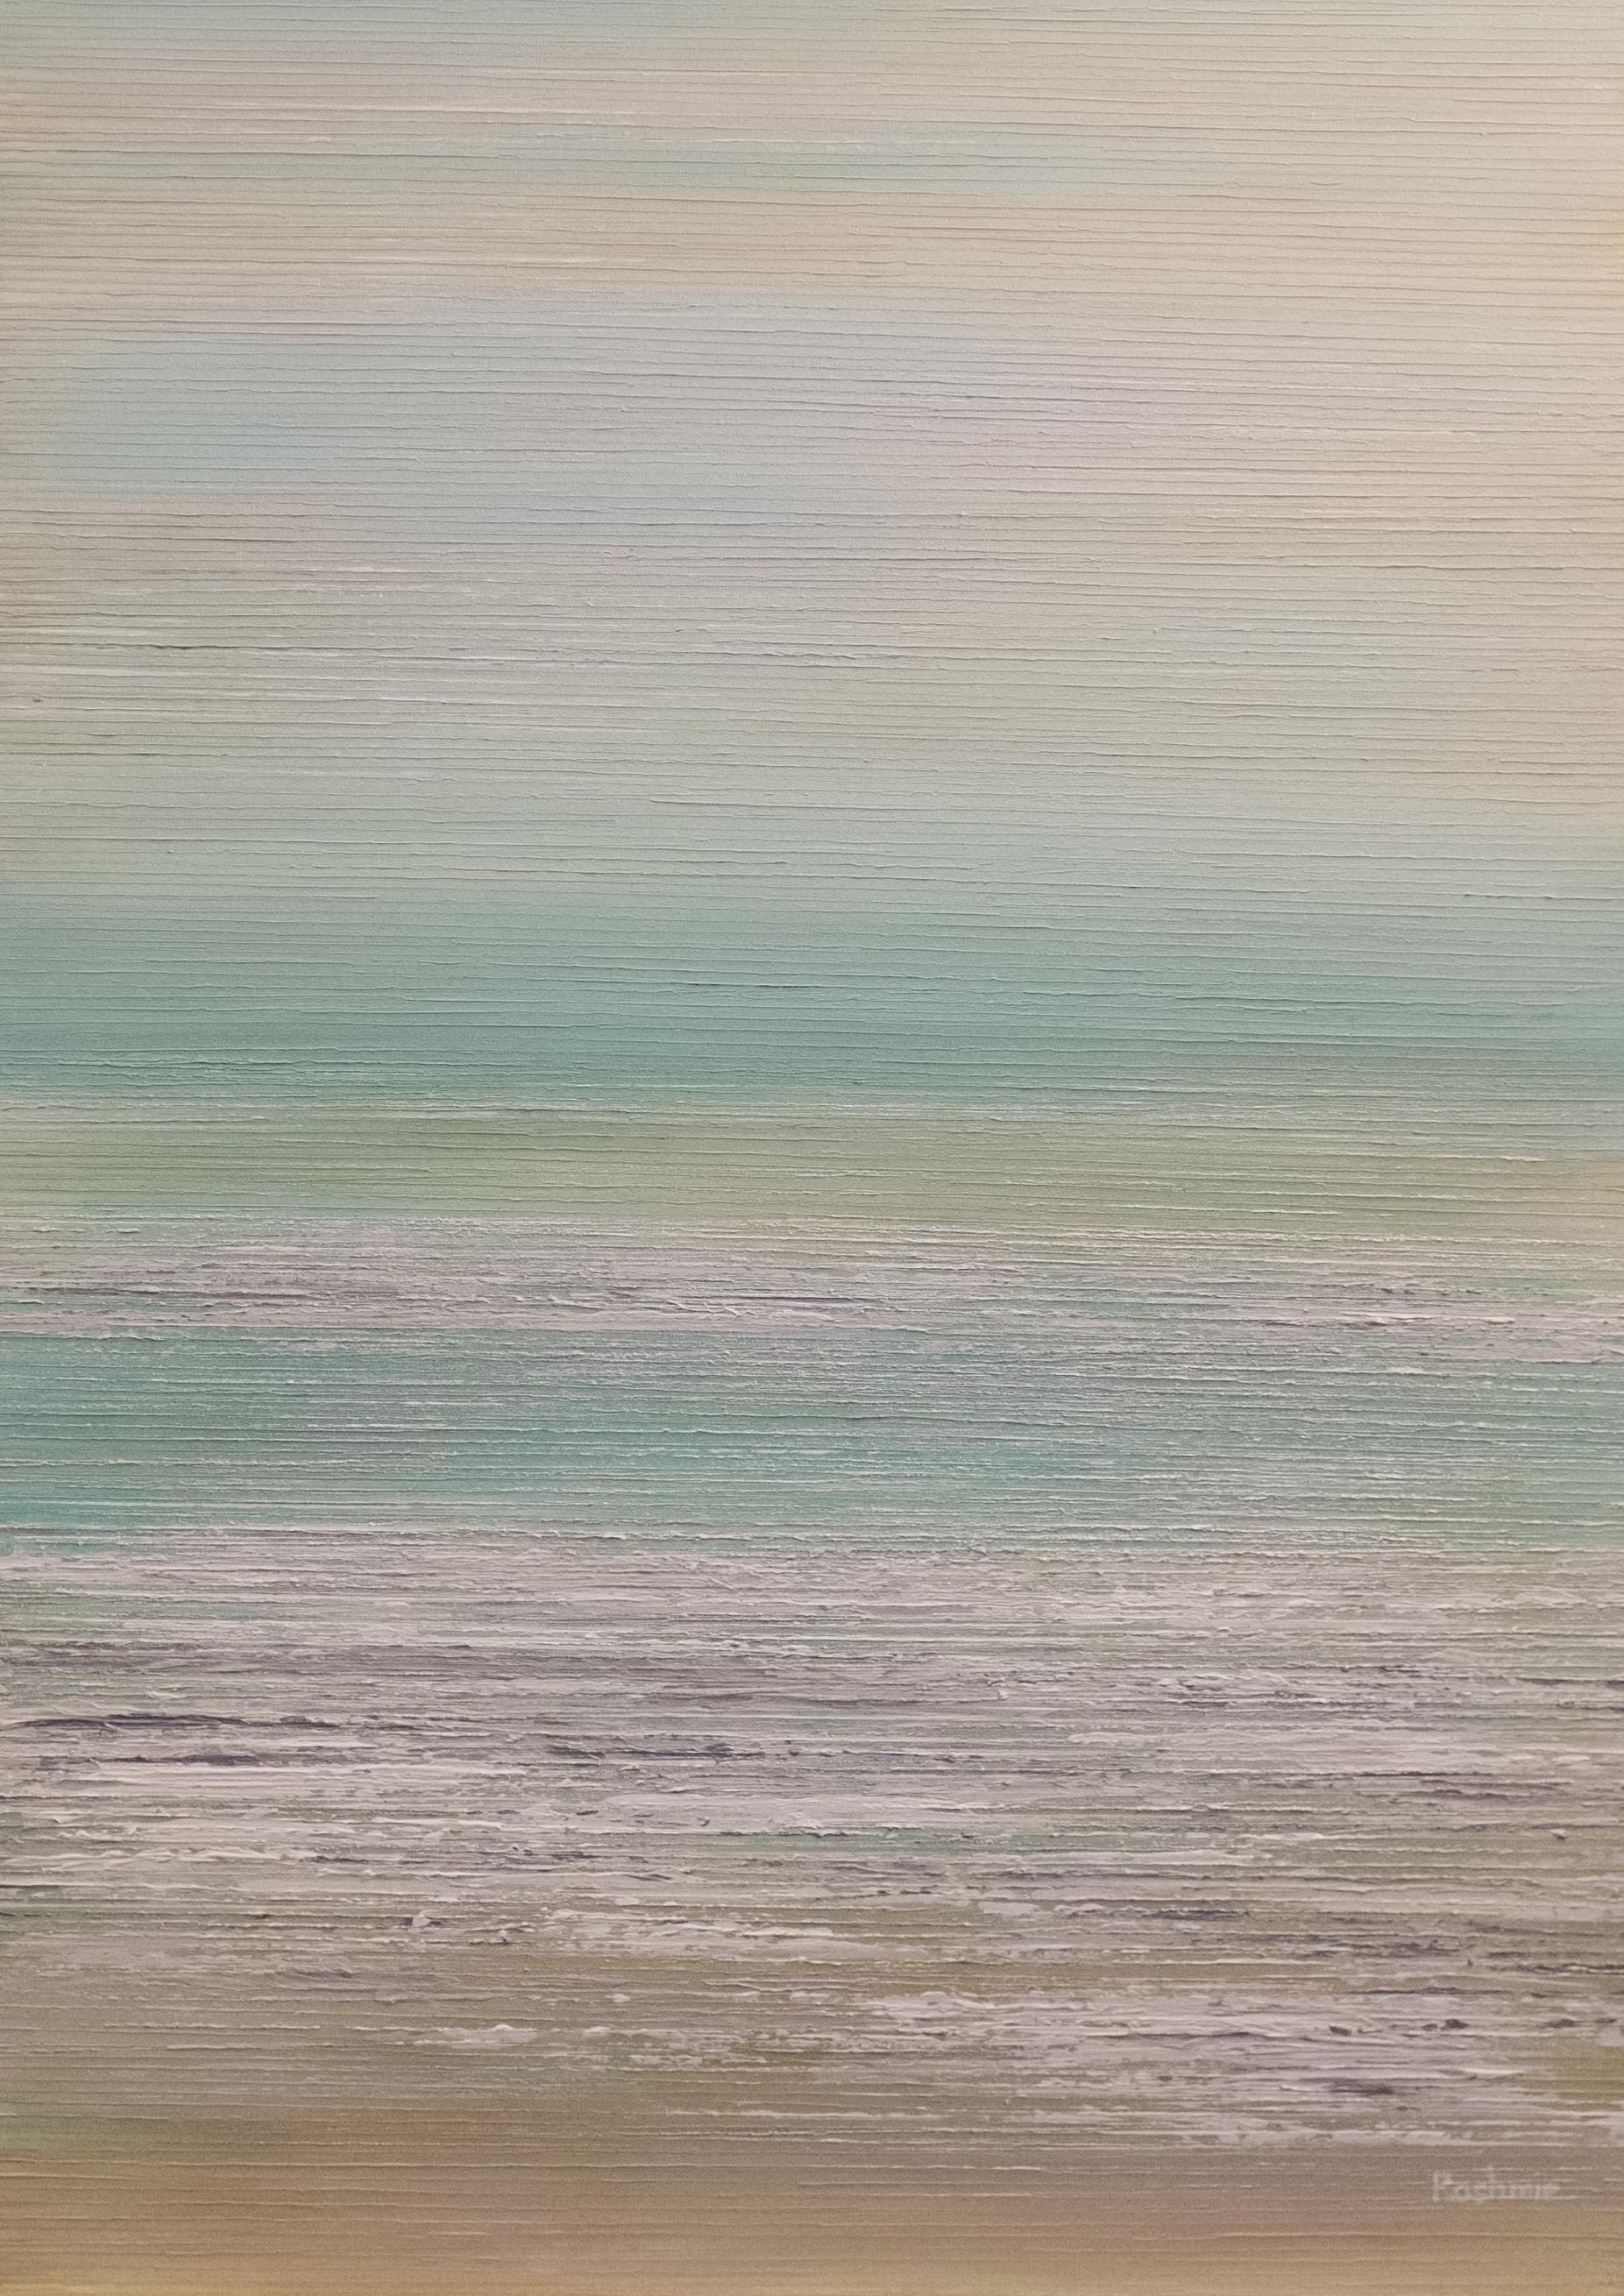 Seascape IV - Silver/Aqua - 2015